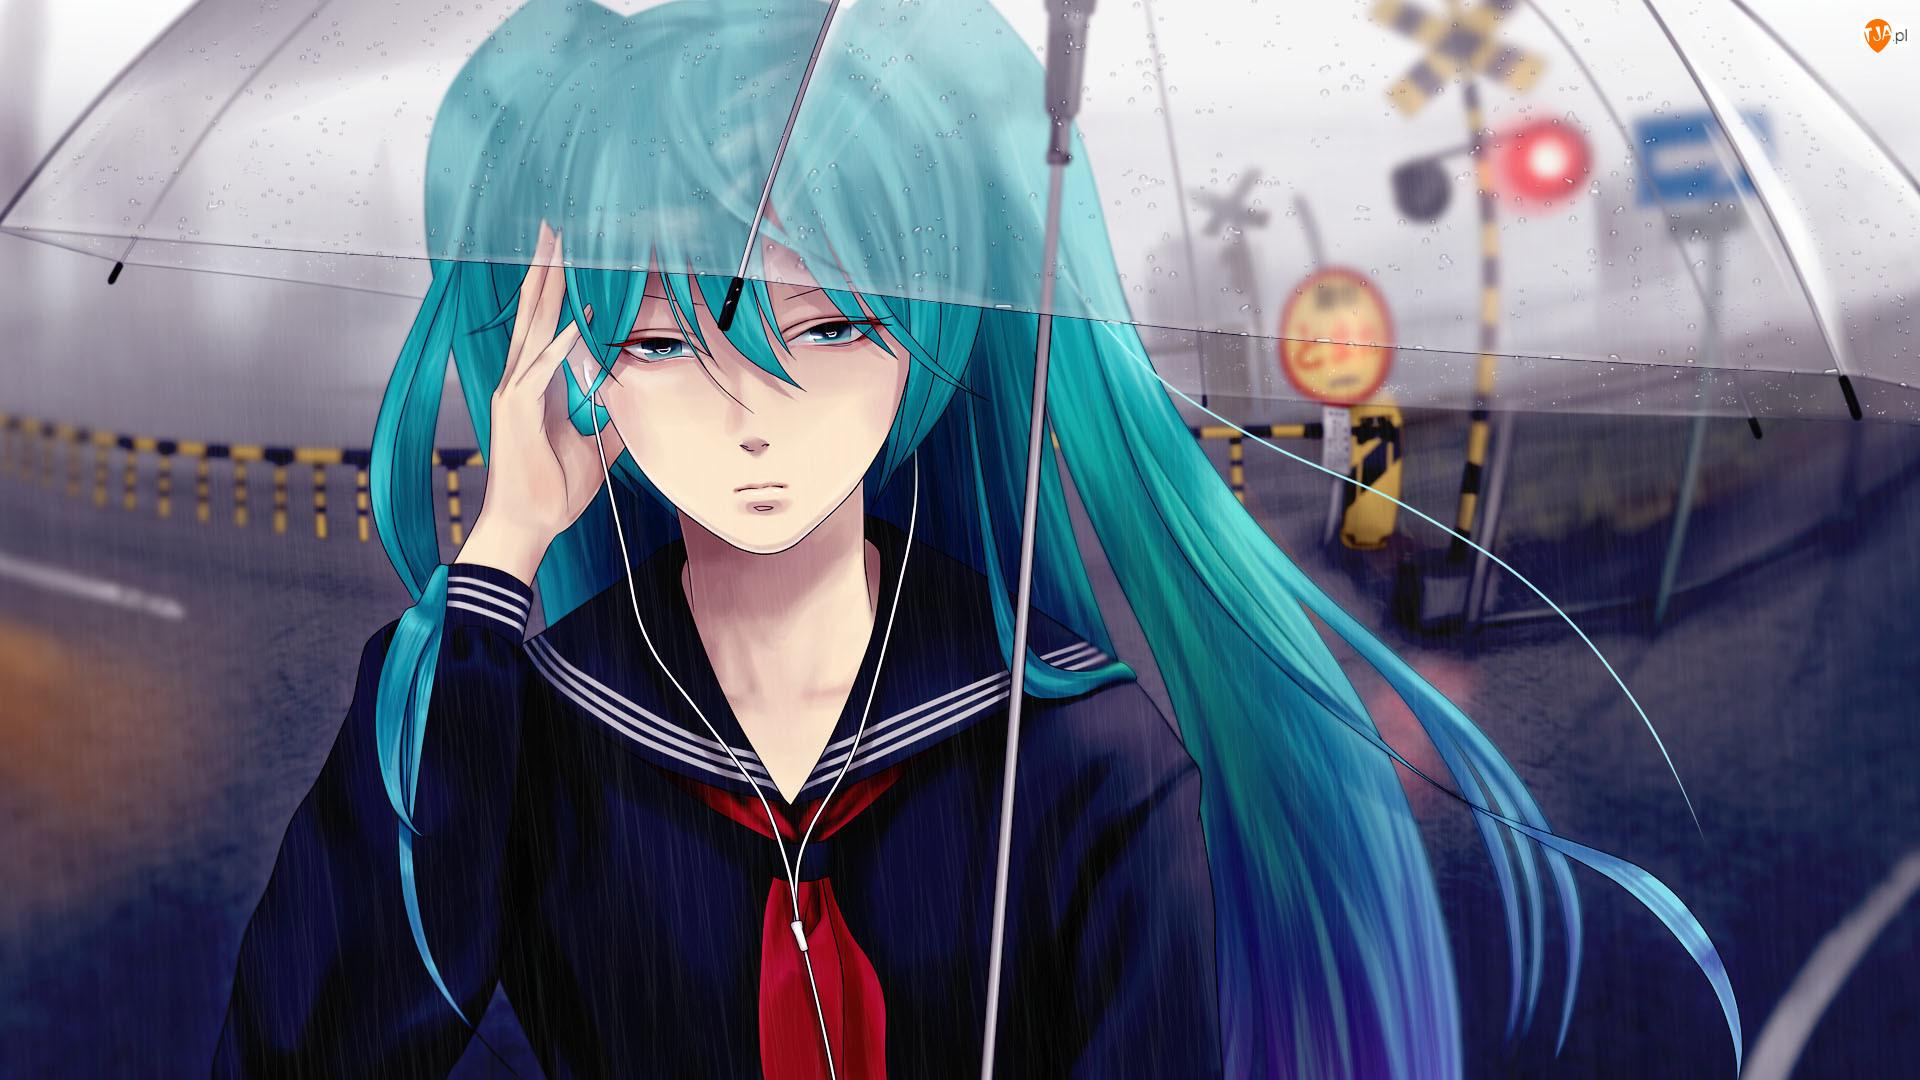 Parasol, Kolejowy, Hatsune Miku, Vocaloid, Przejazd